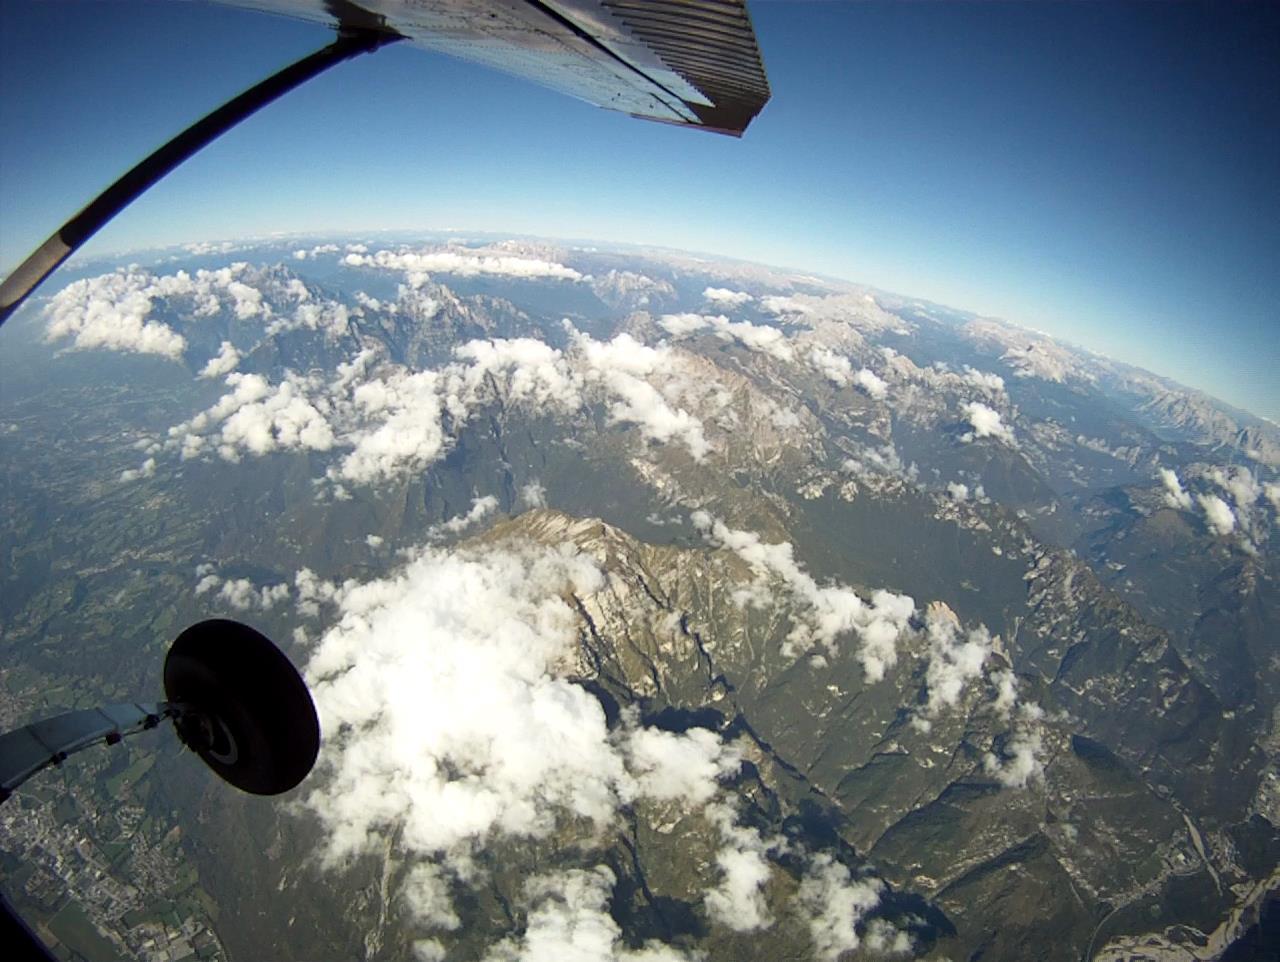 Skydive Belluno Dolomiti